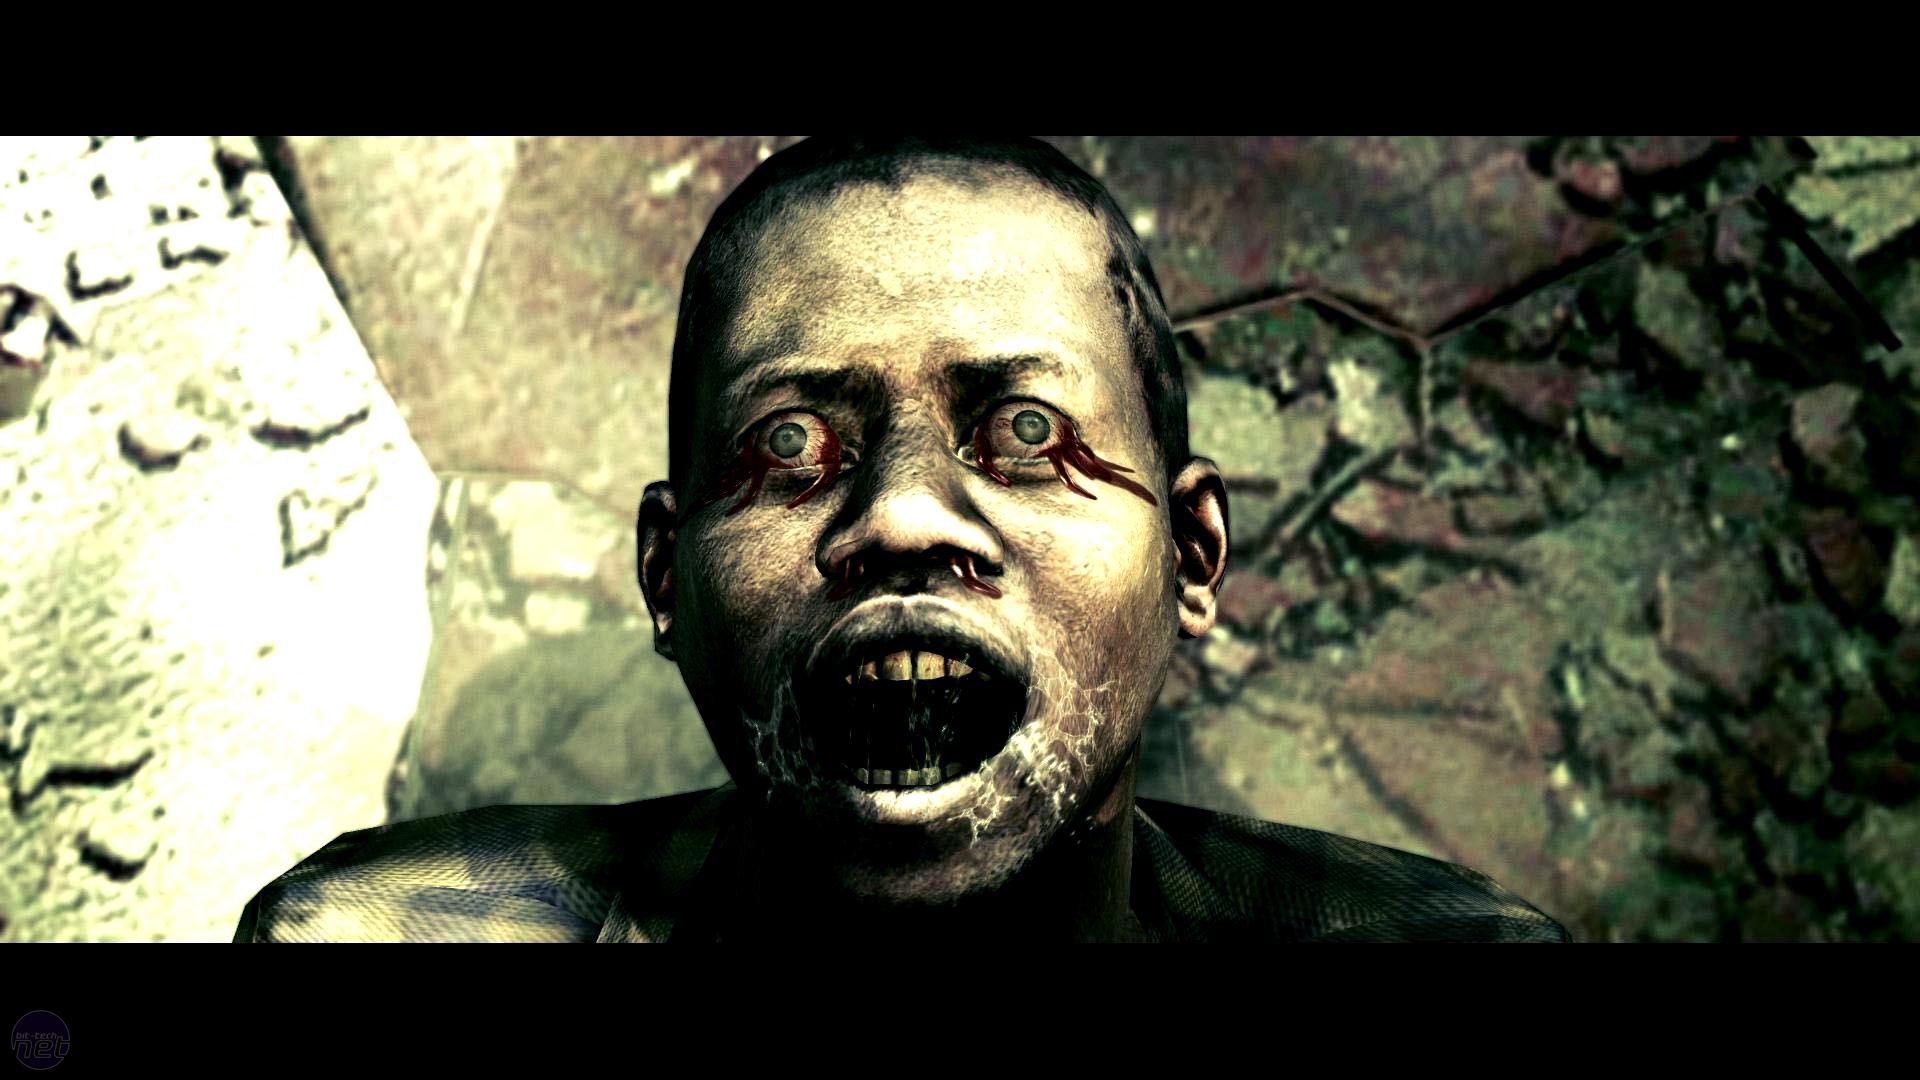 Detras de ti imbecil(El post que se merece Resident Evil)